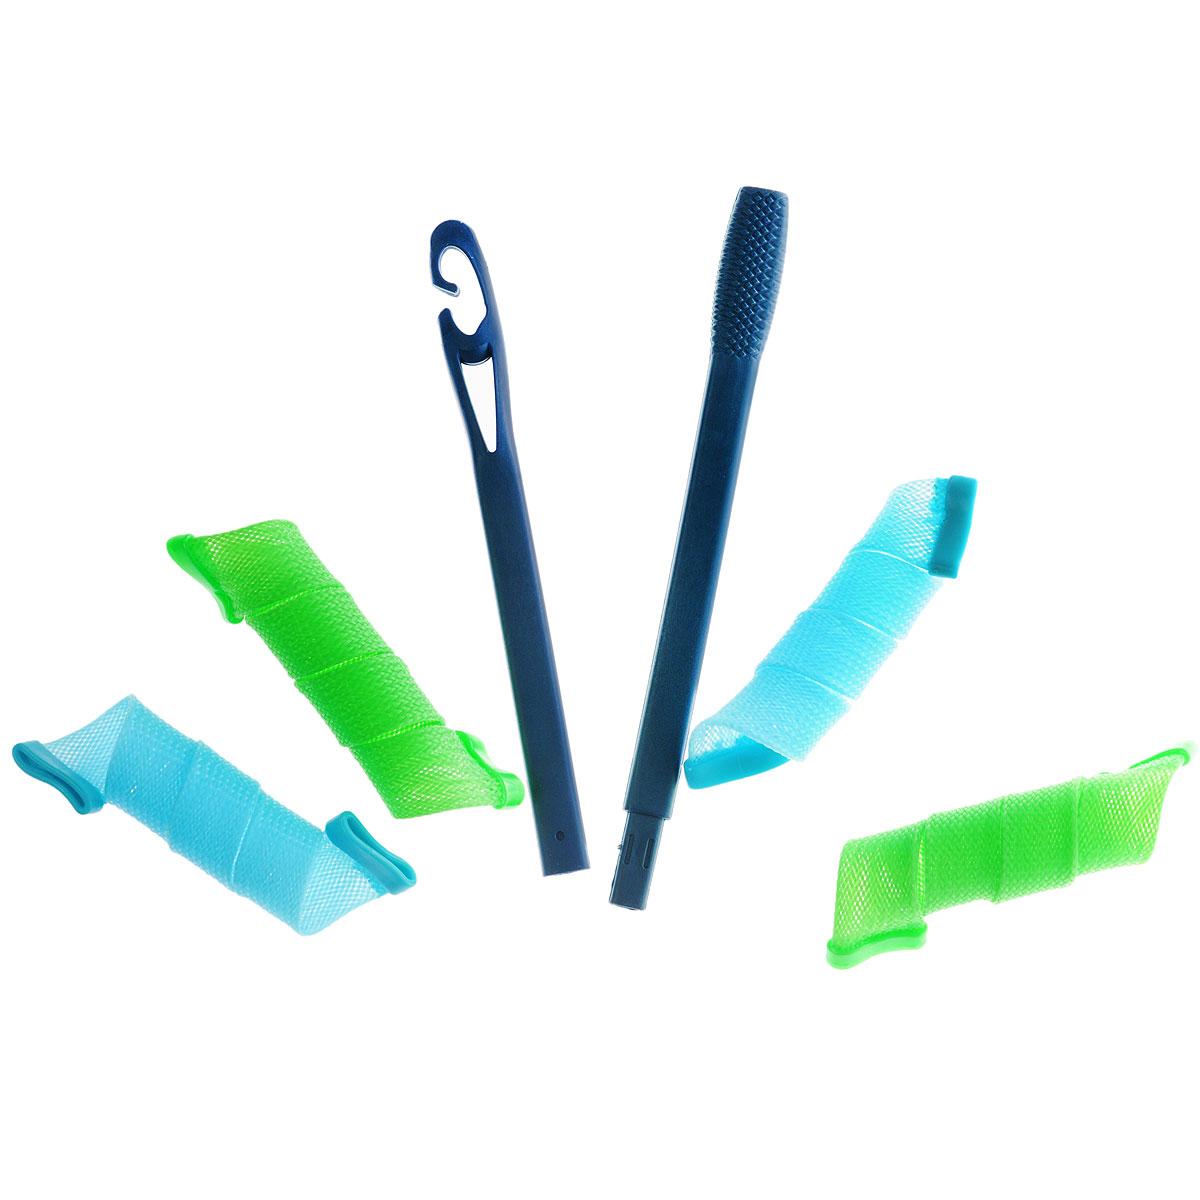 Бигуди широкие 30 см, цвет: голубой, зеленый. Ш30